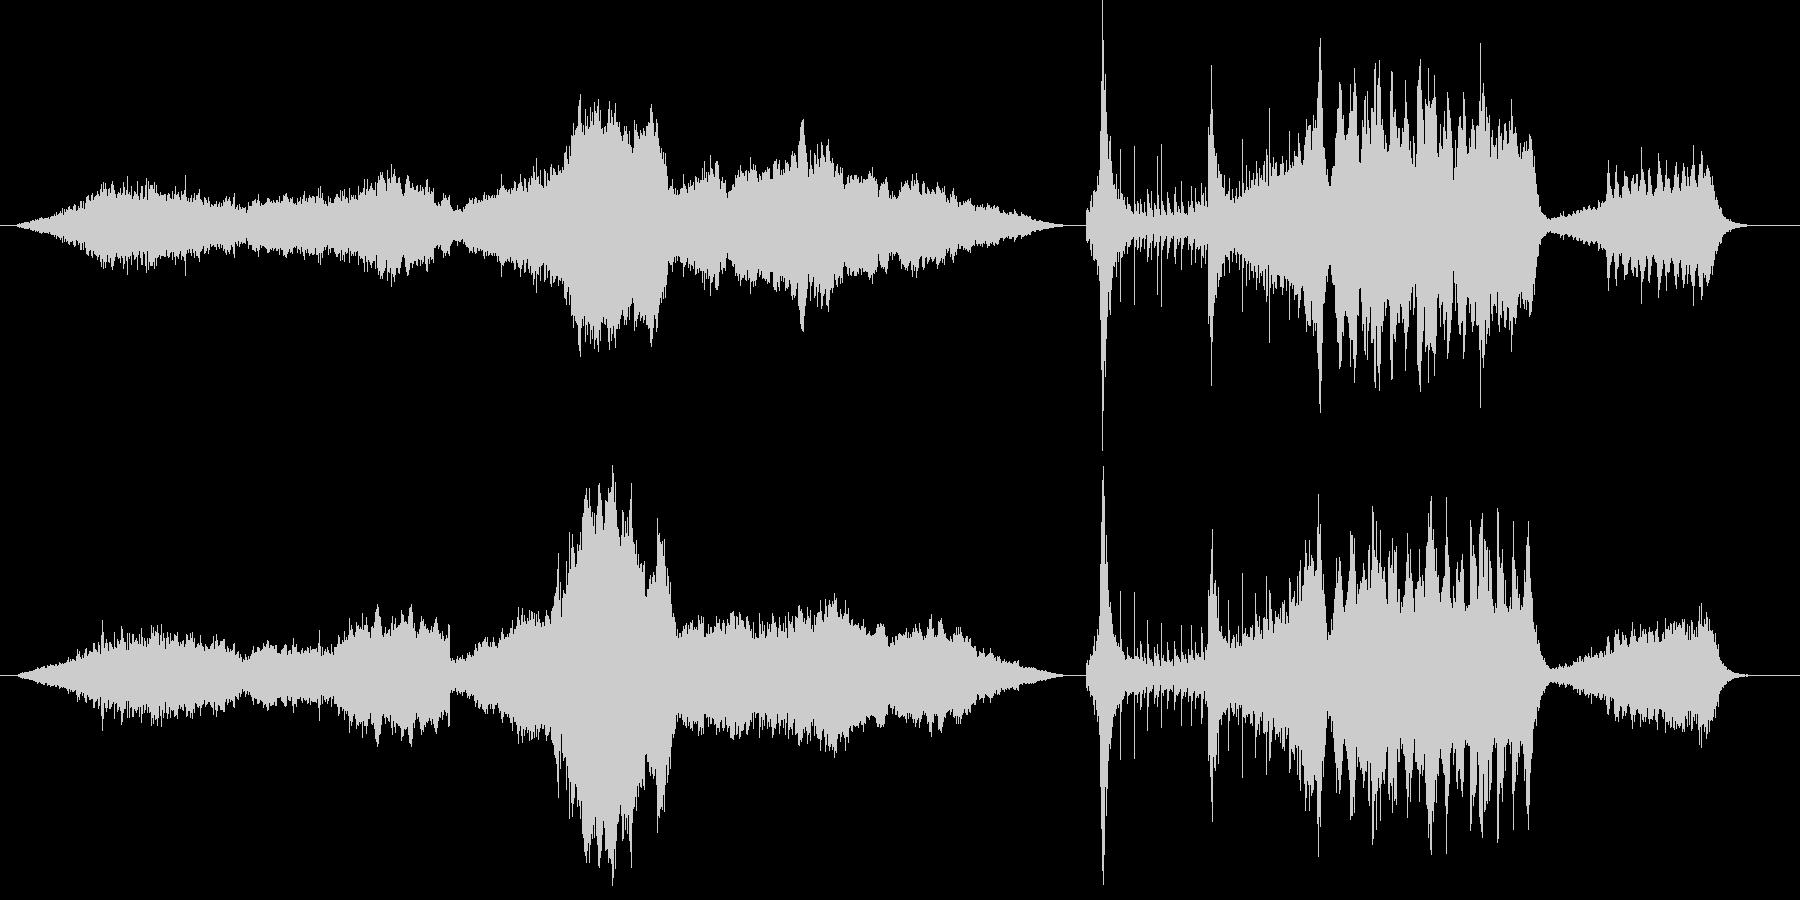 オーケストラを使った映画風BGMの未再生の波形